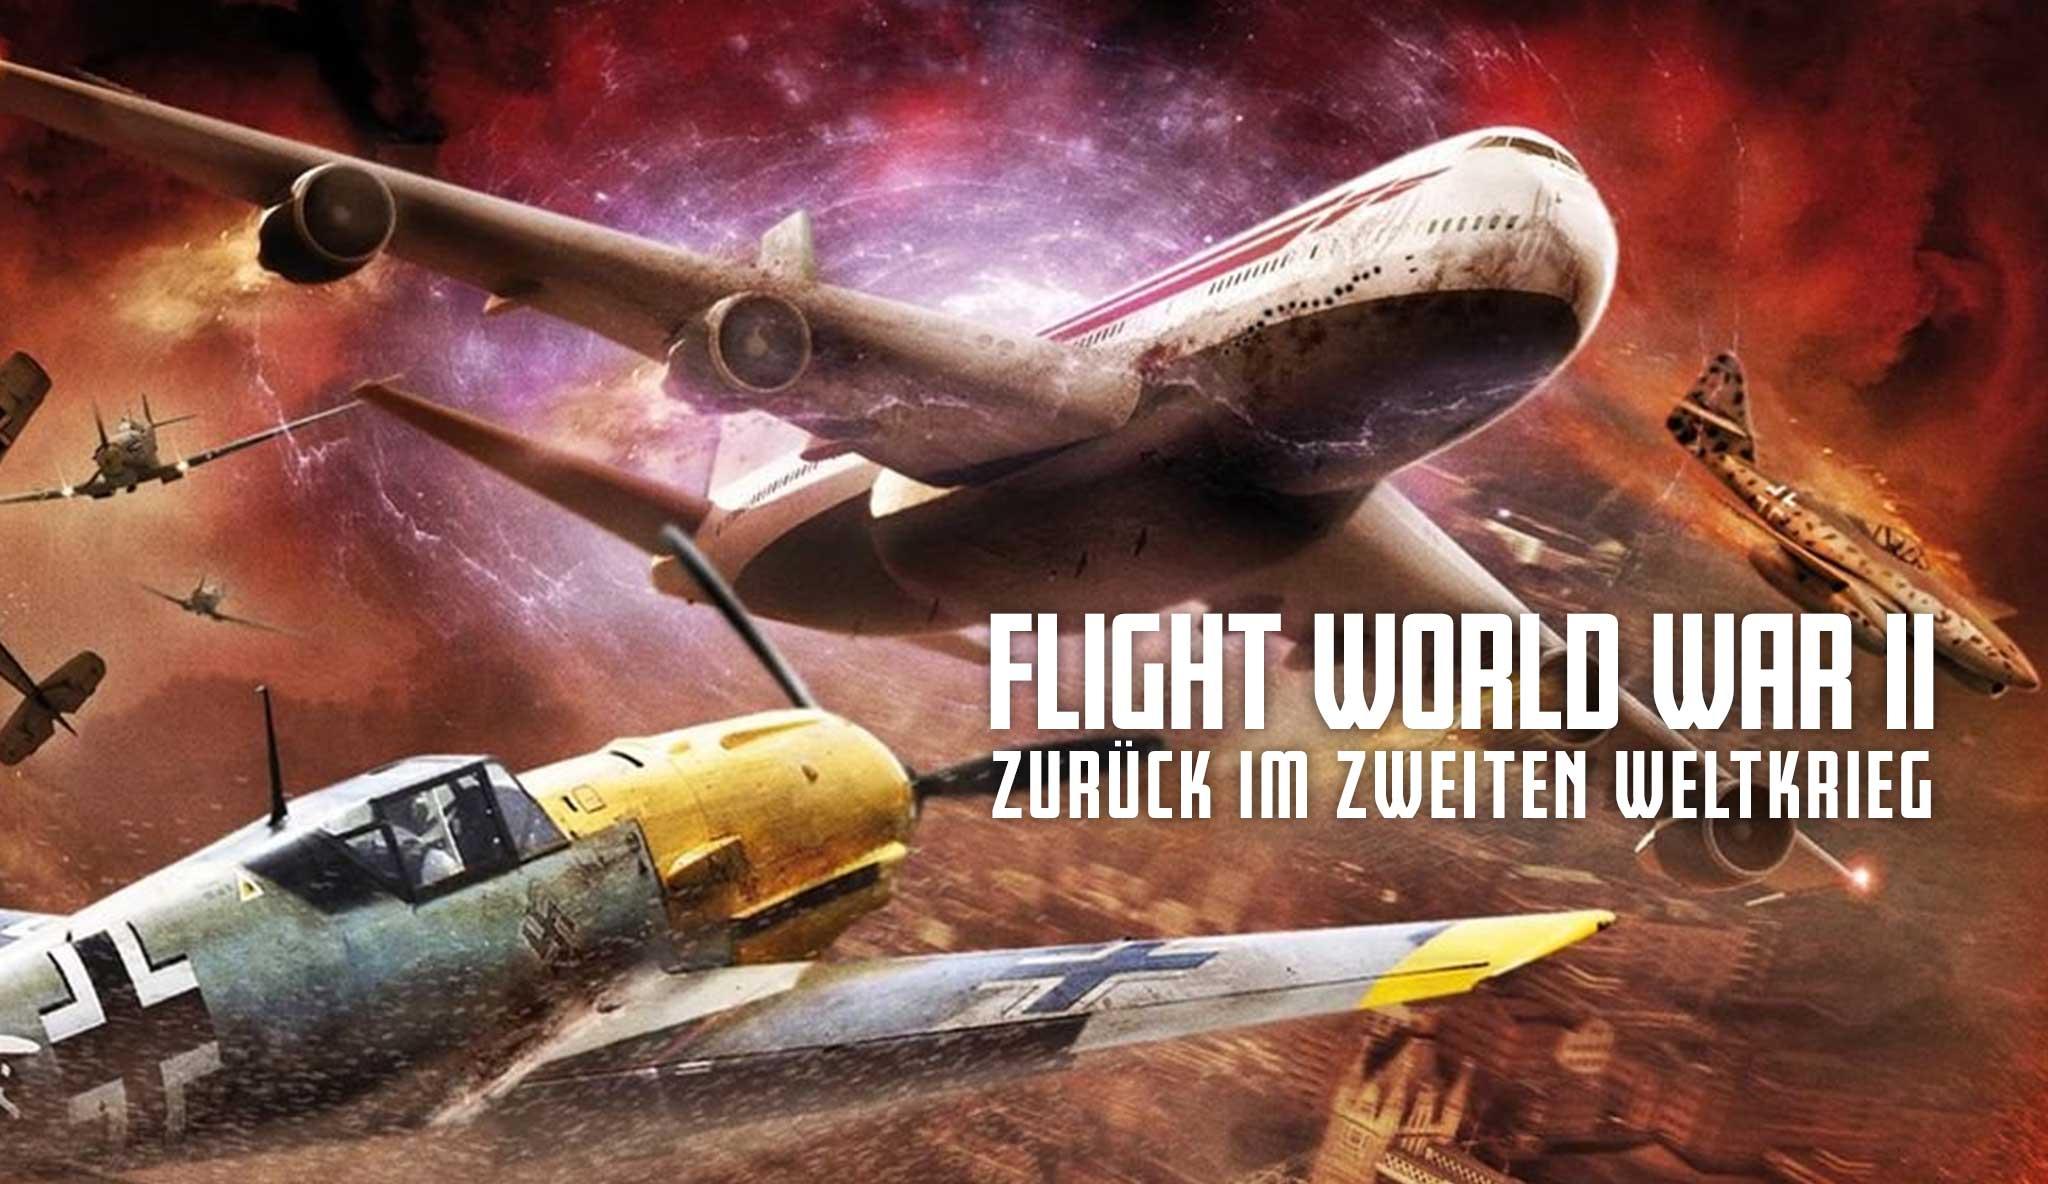 flight-world-war-ii-zuruck-im-zweiten-weltkrieg\header.jpg